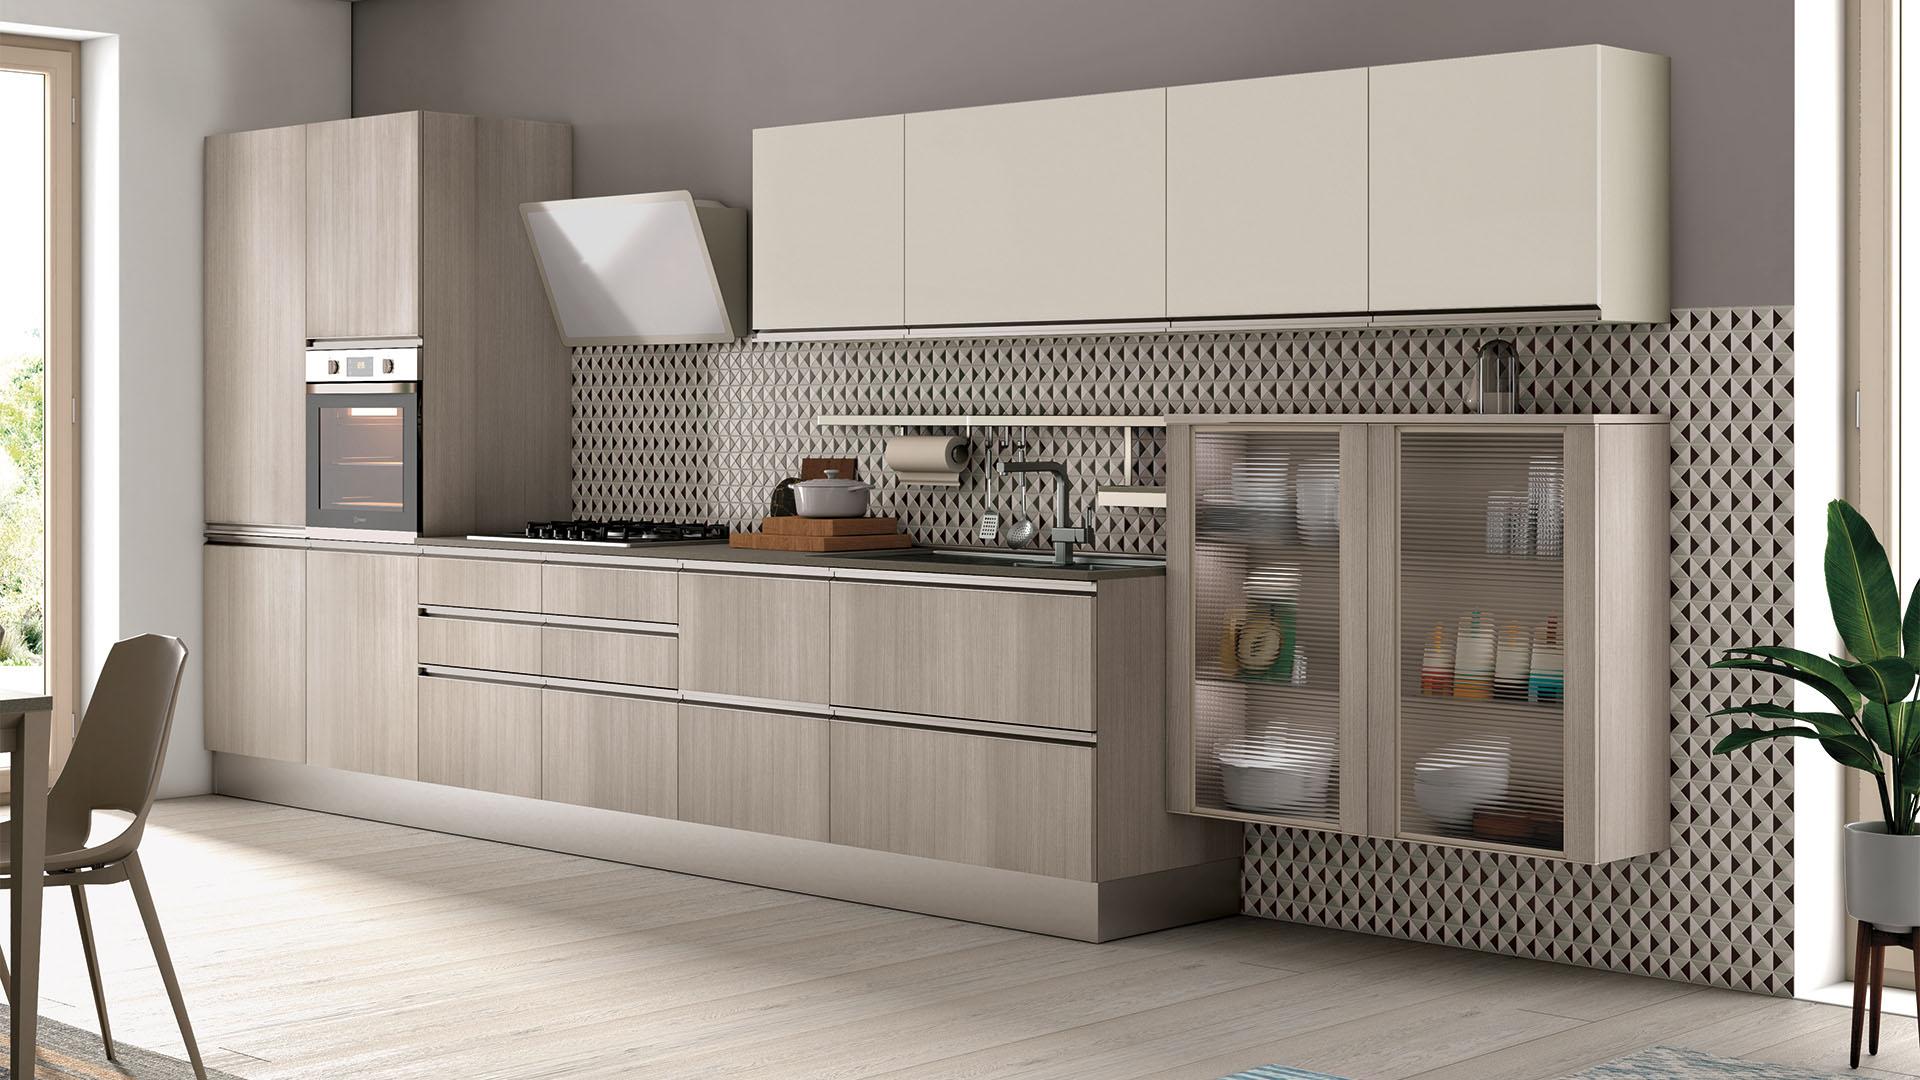 Piano Cucina Laminato : Tablet creo store milano showroom cucine a